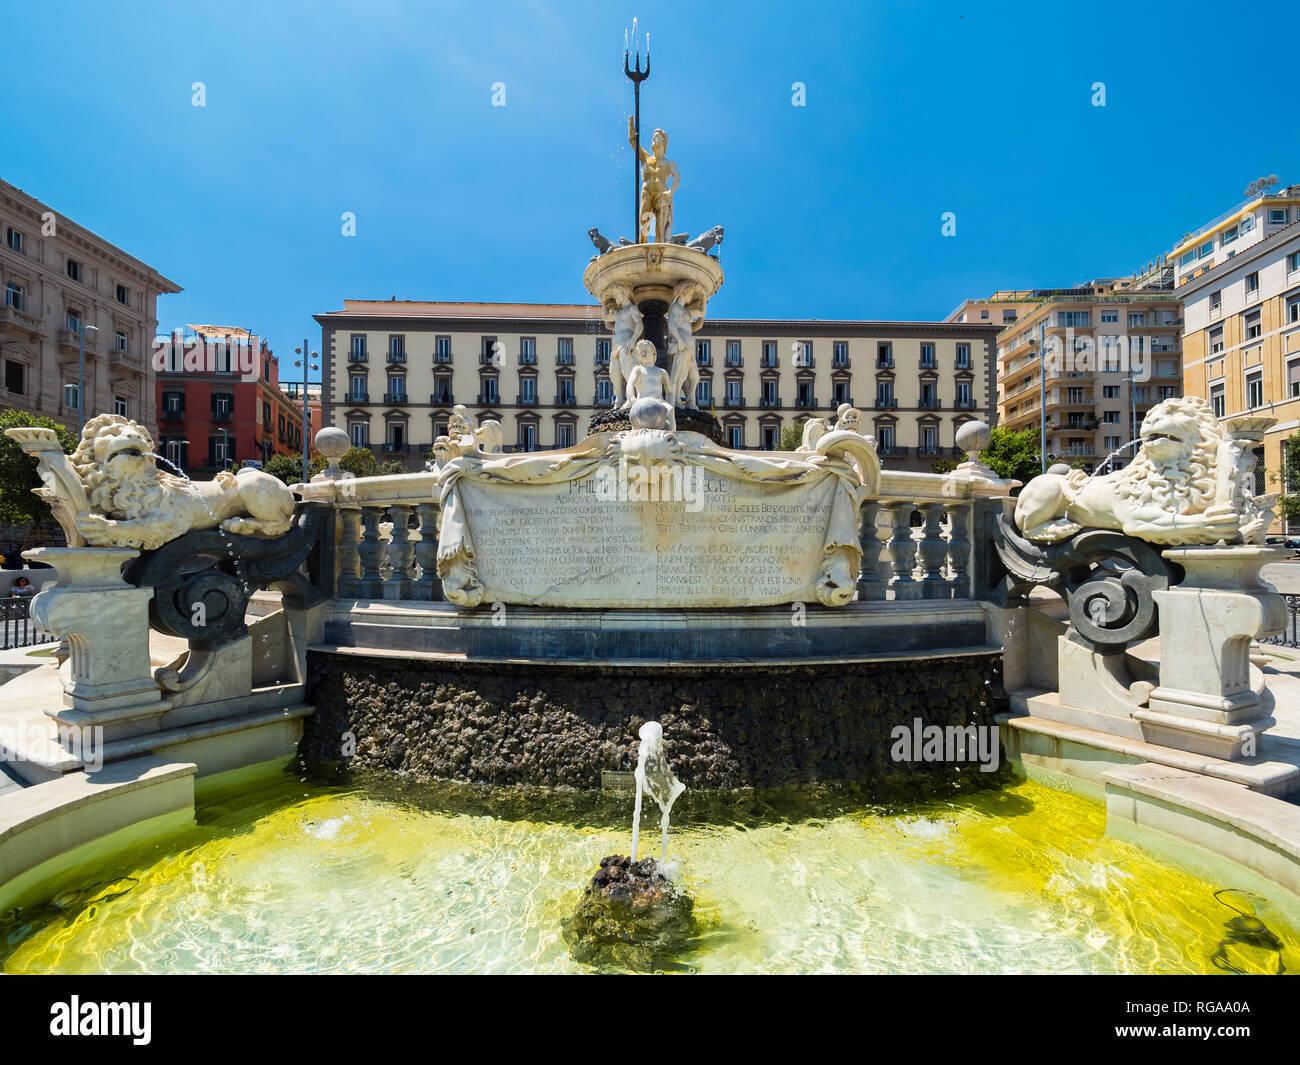 Italy, Campania, Neapel, Piazza Municipio, Fontana del Nettuno - Stock Image